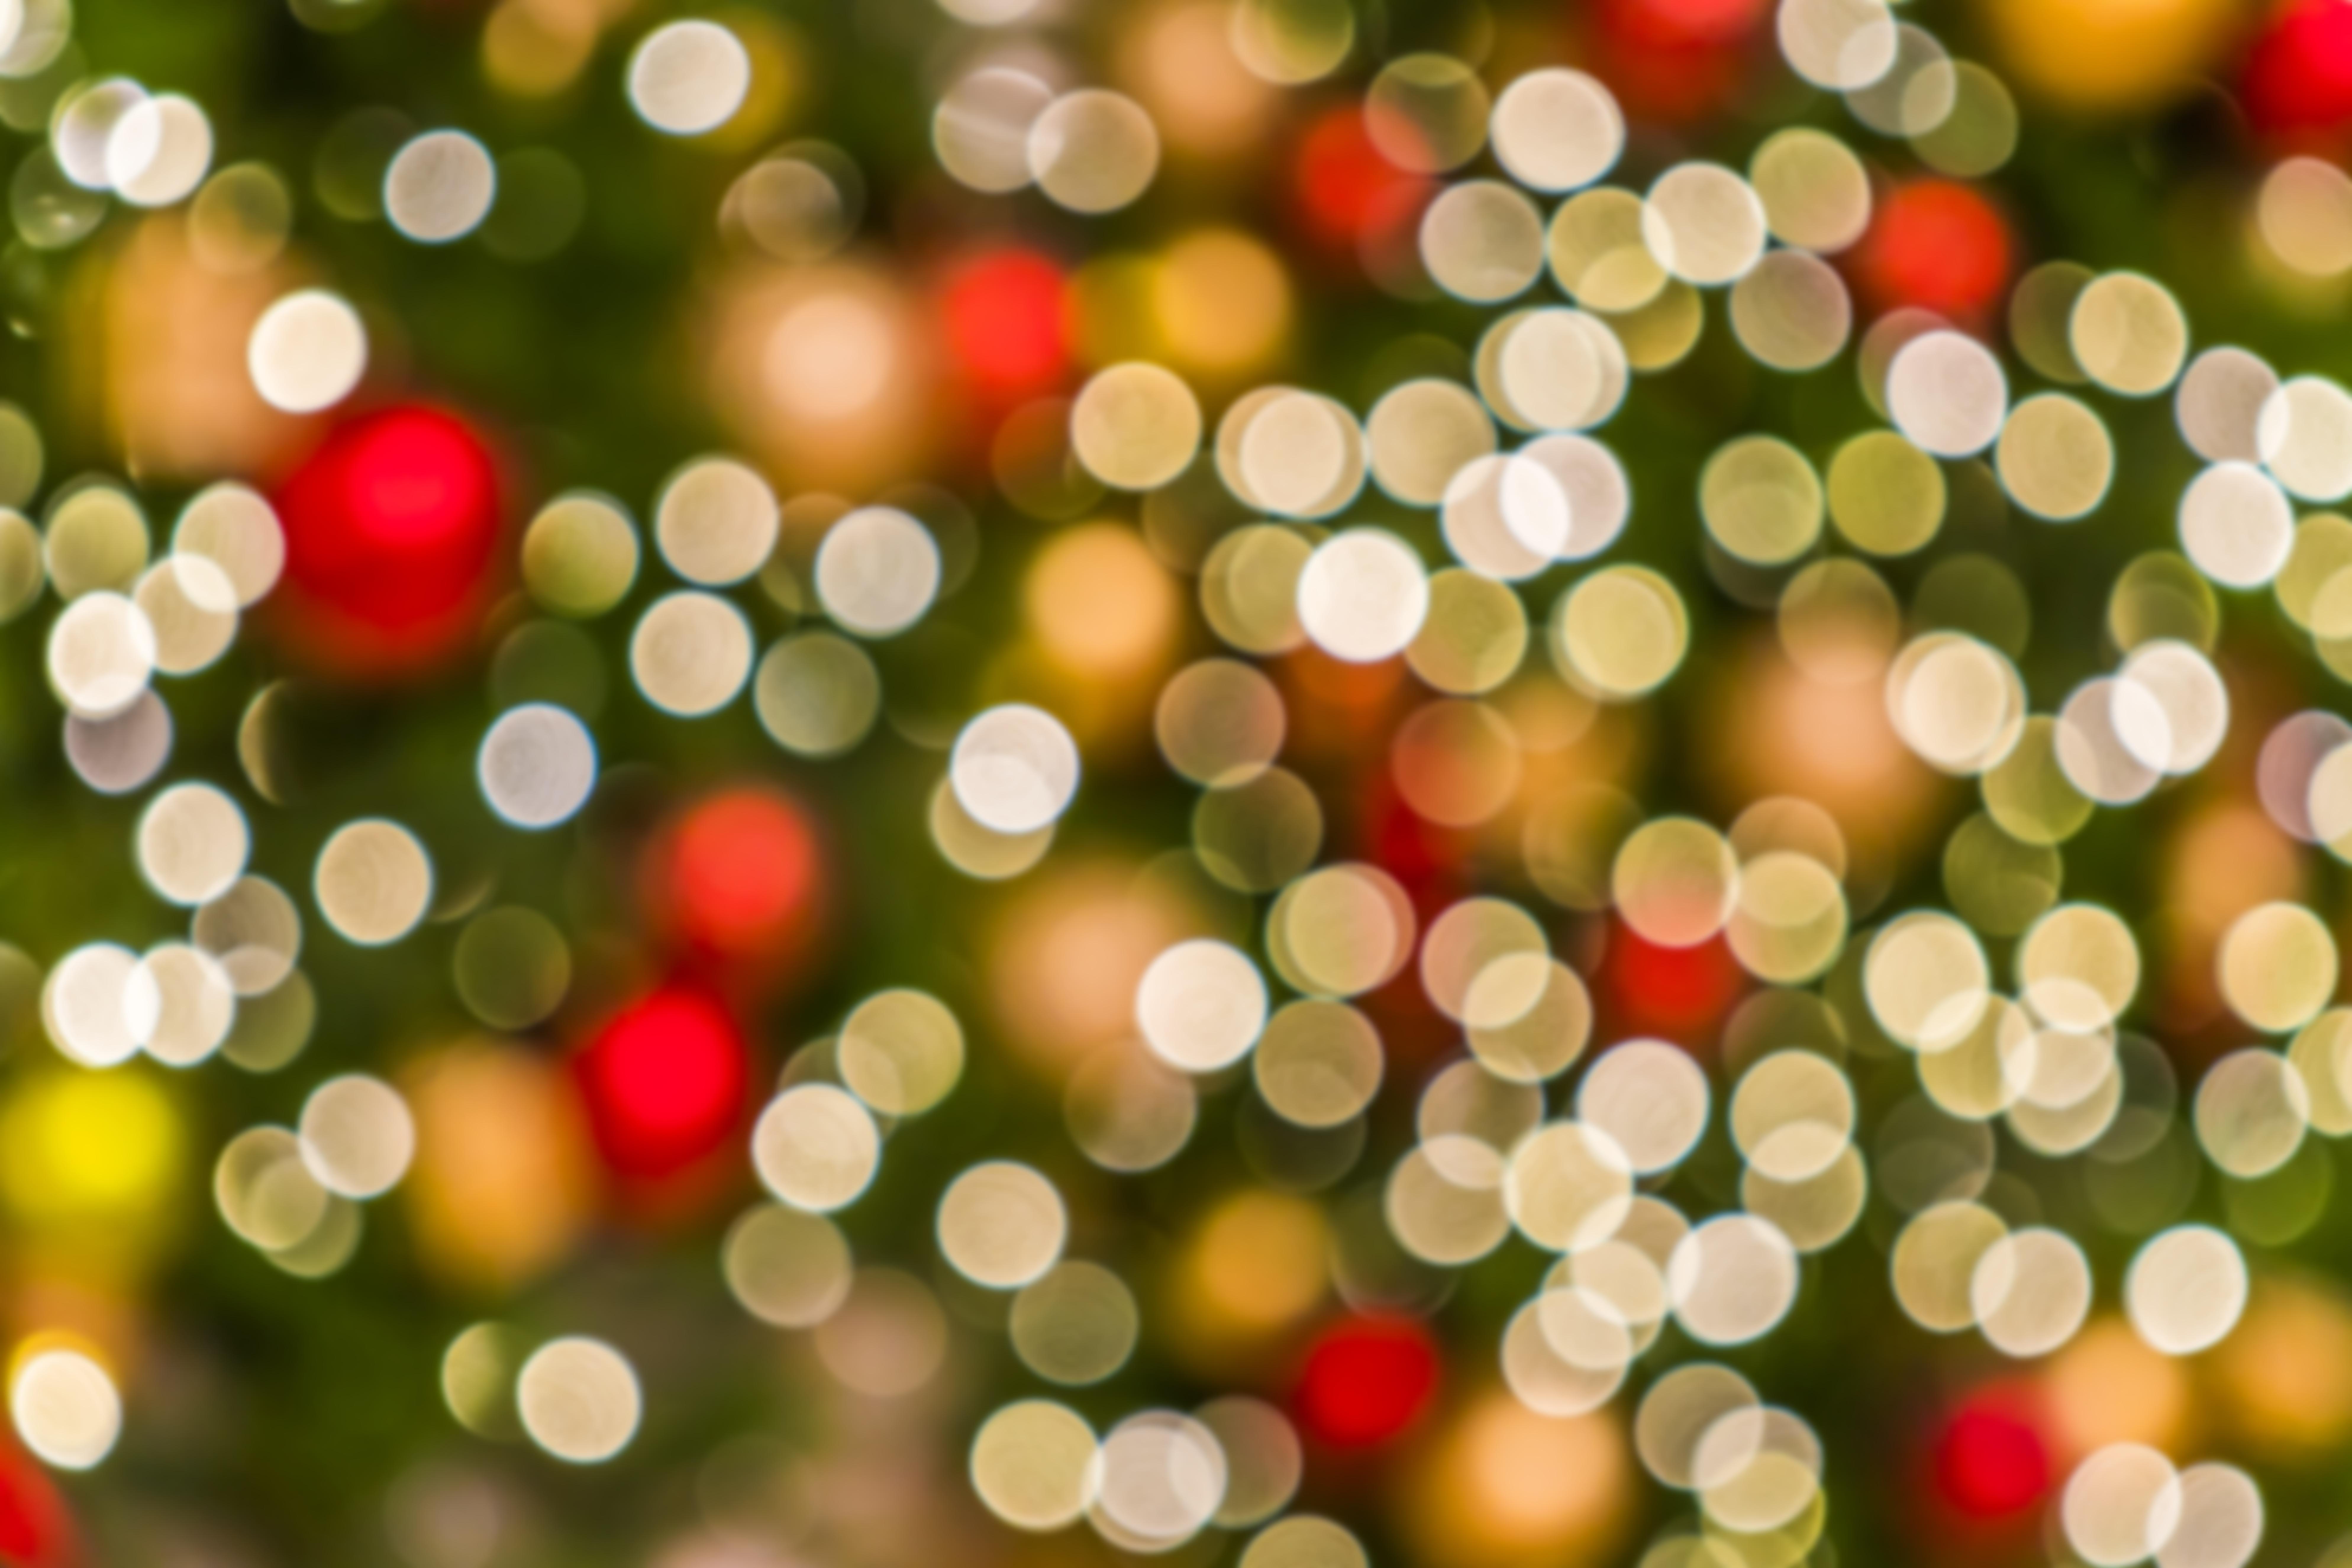 christmas decoration light christmas lighting computer wallpaper christmas lights holiday christmas ornament fete christmas tree macro